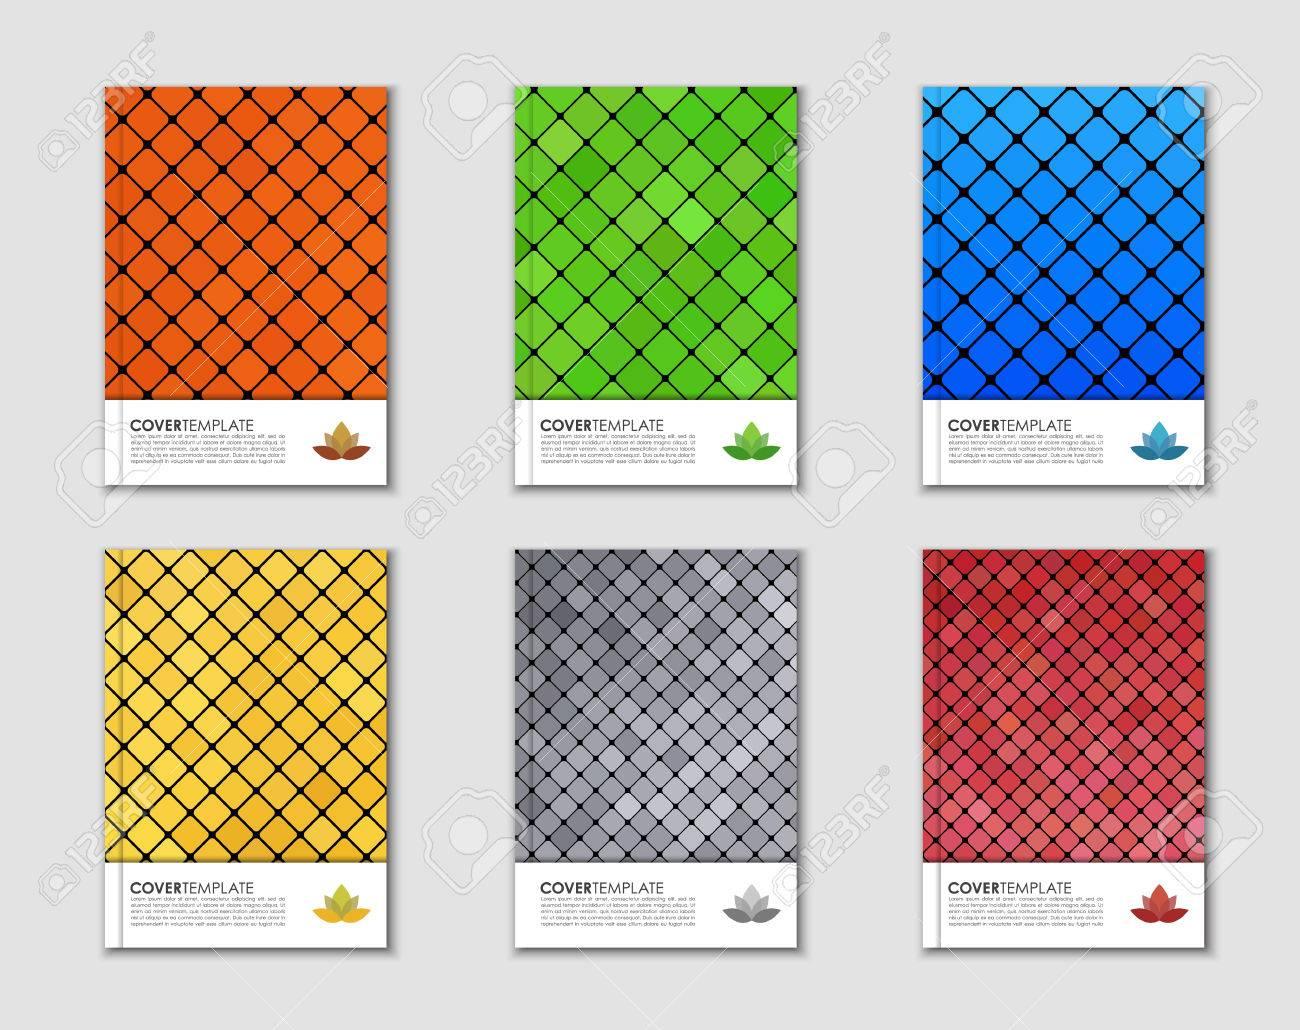 Diseño Cubiertas Para Libros, Folletos E Informes. Textura Plantilla ...